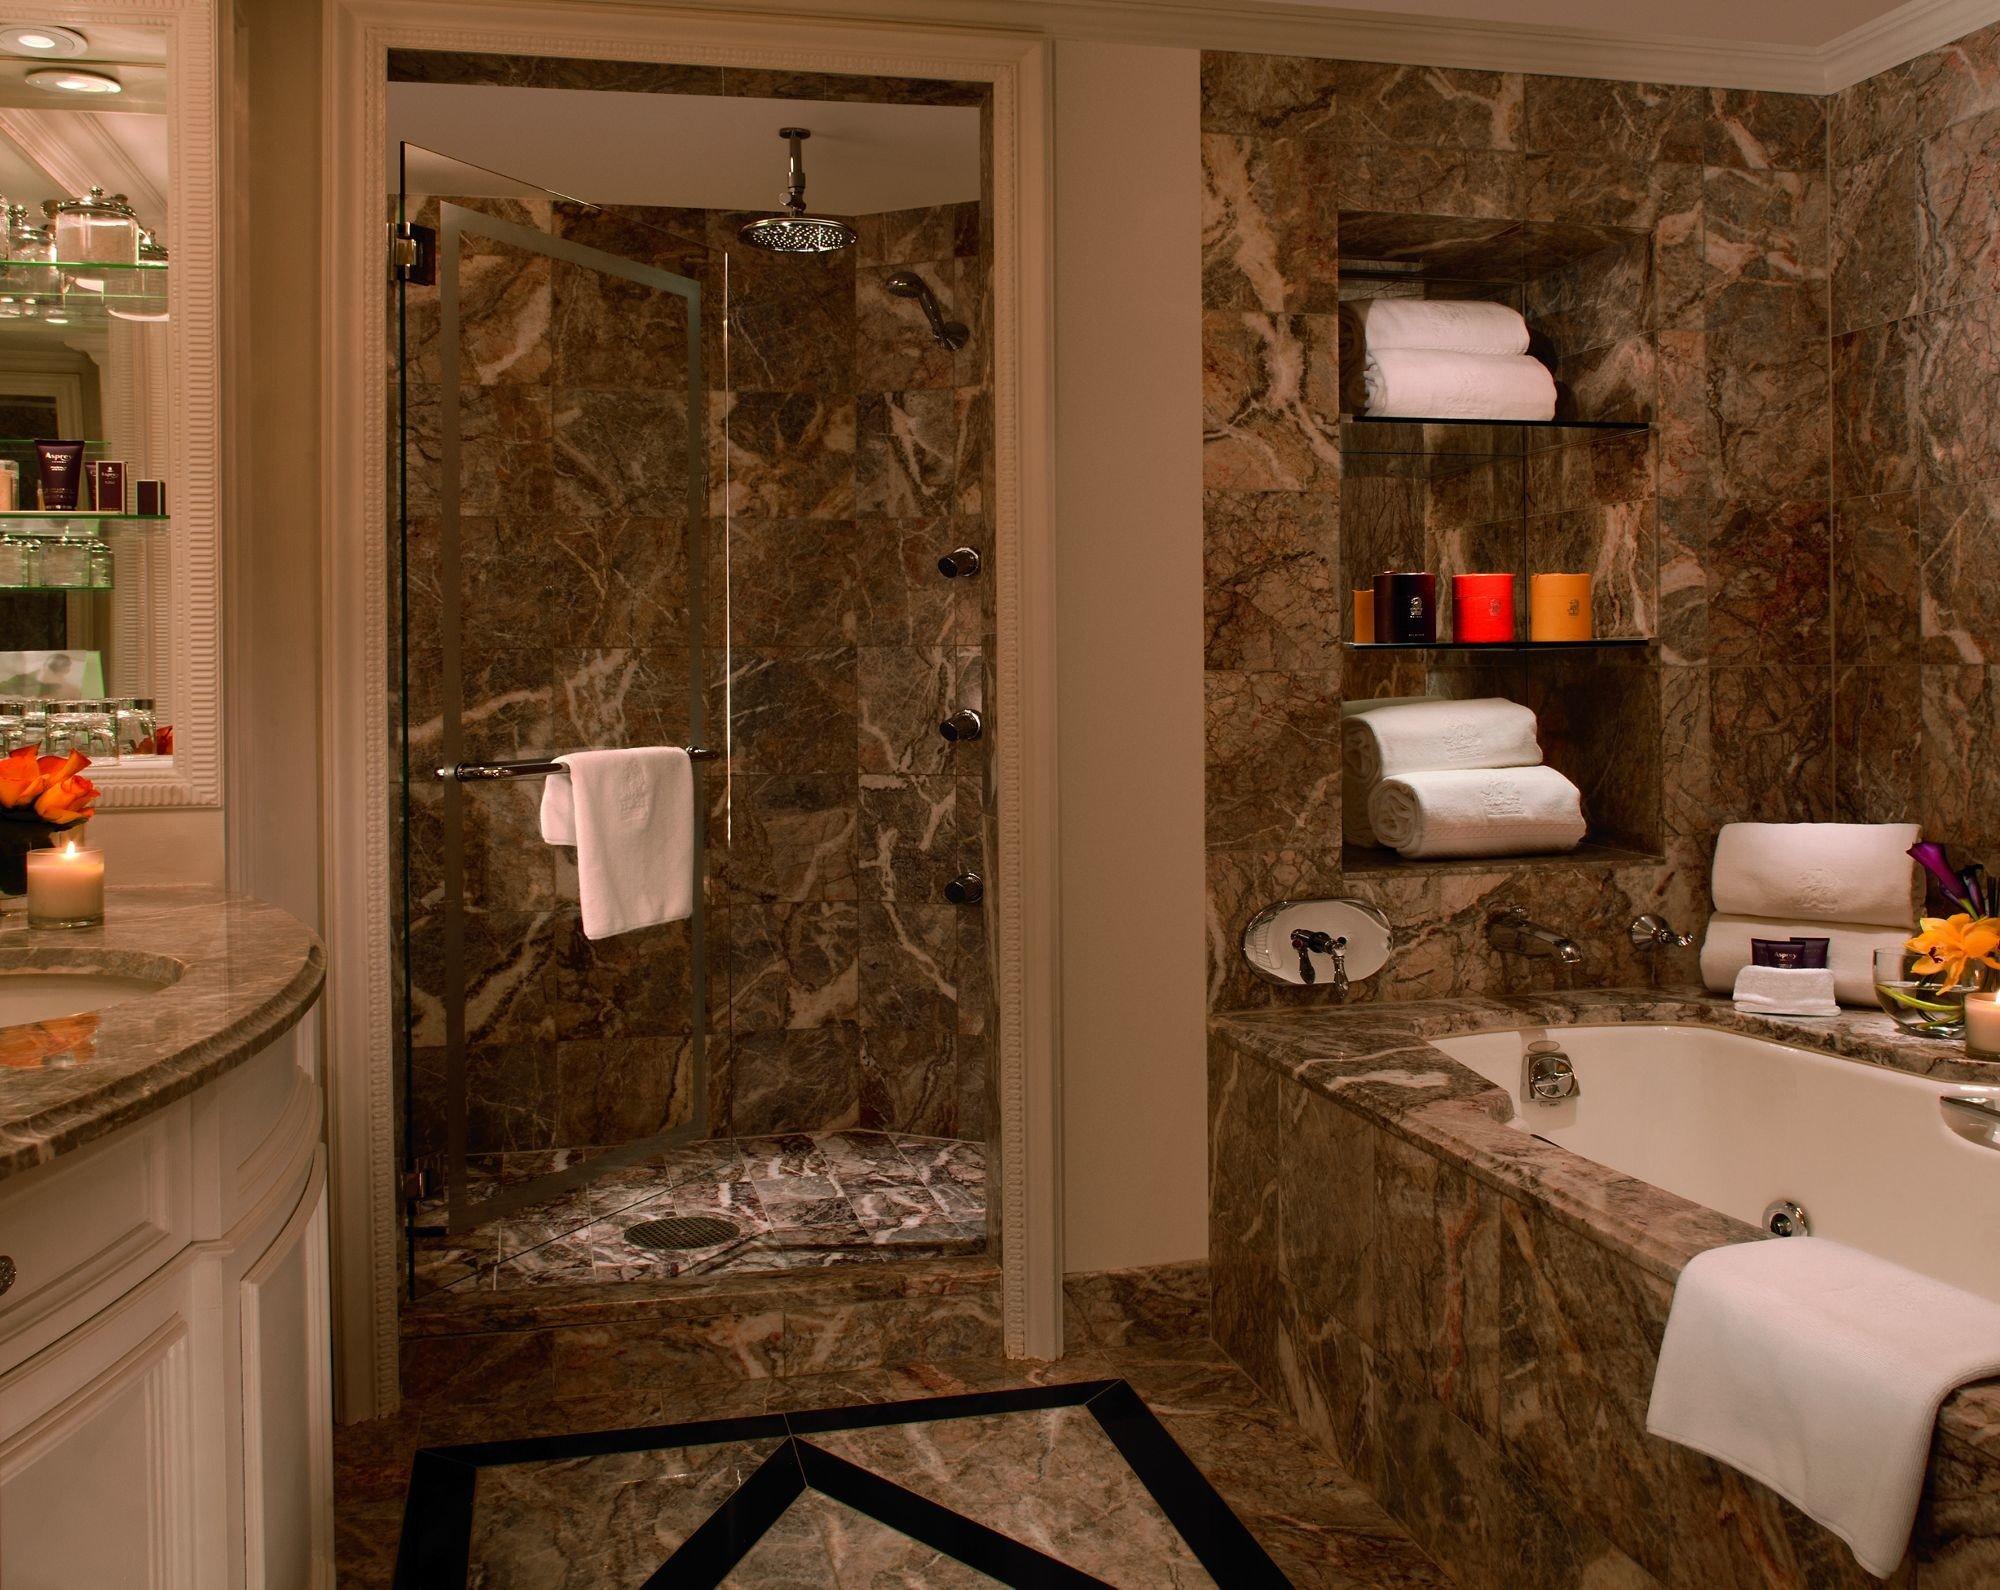 Hotels Luxury Travel indoor room interior design wall bathroom countertop flooring window floor tile area